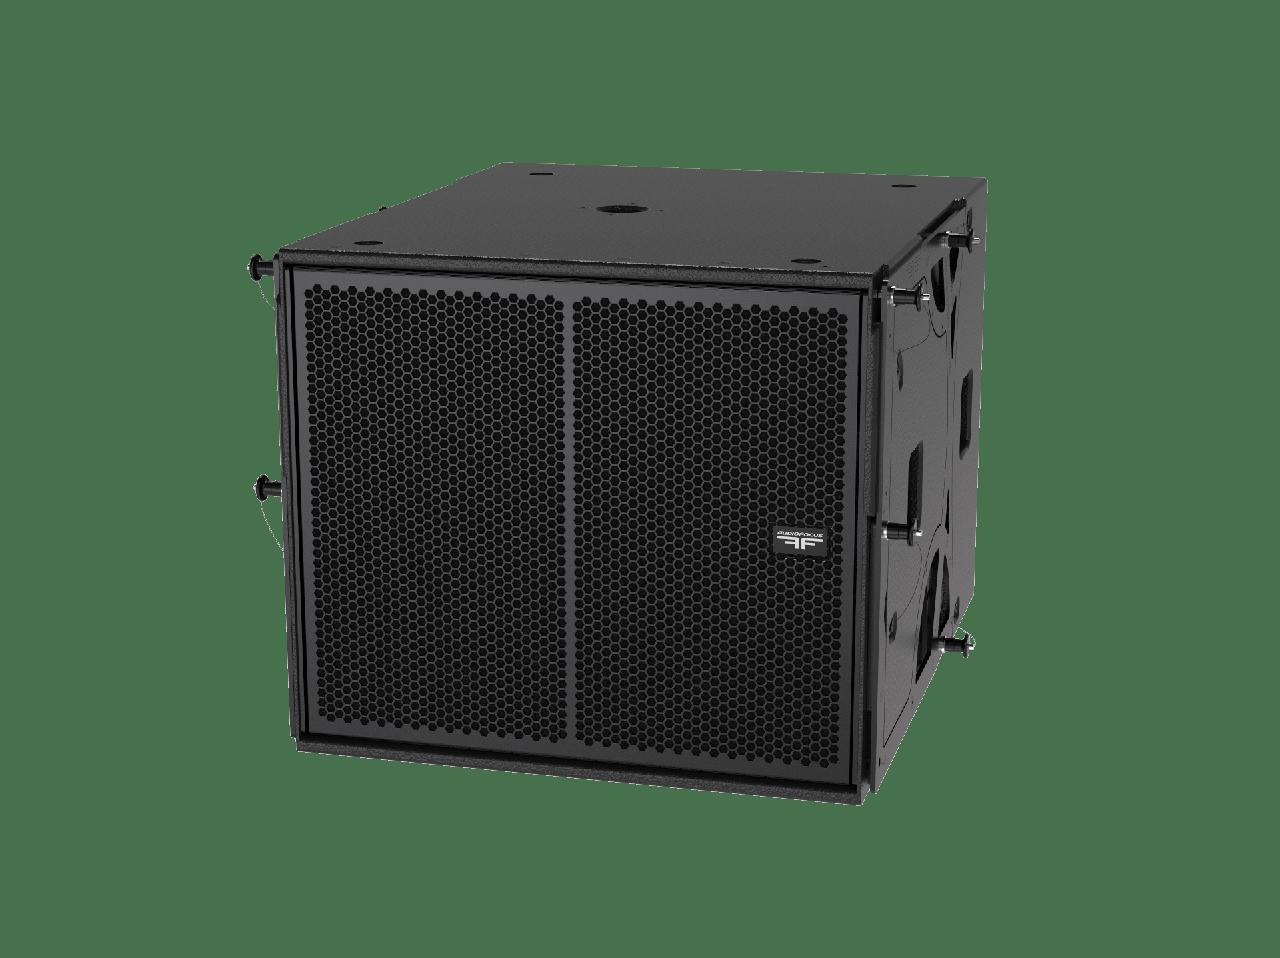 Активная акустическая система - подвесной сабвуфер AudioFocus B18A Install